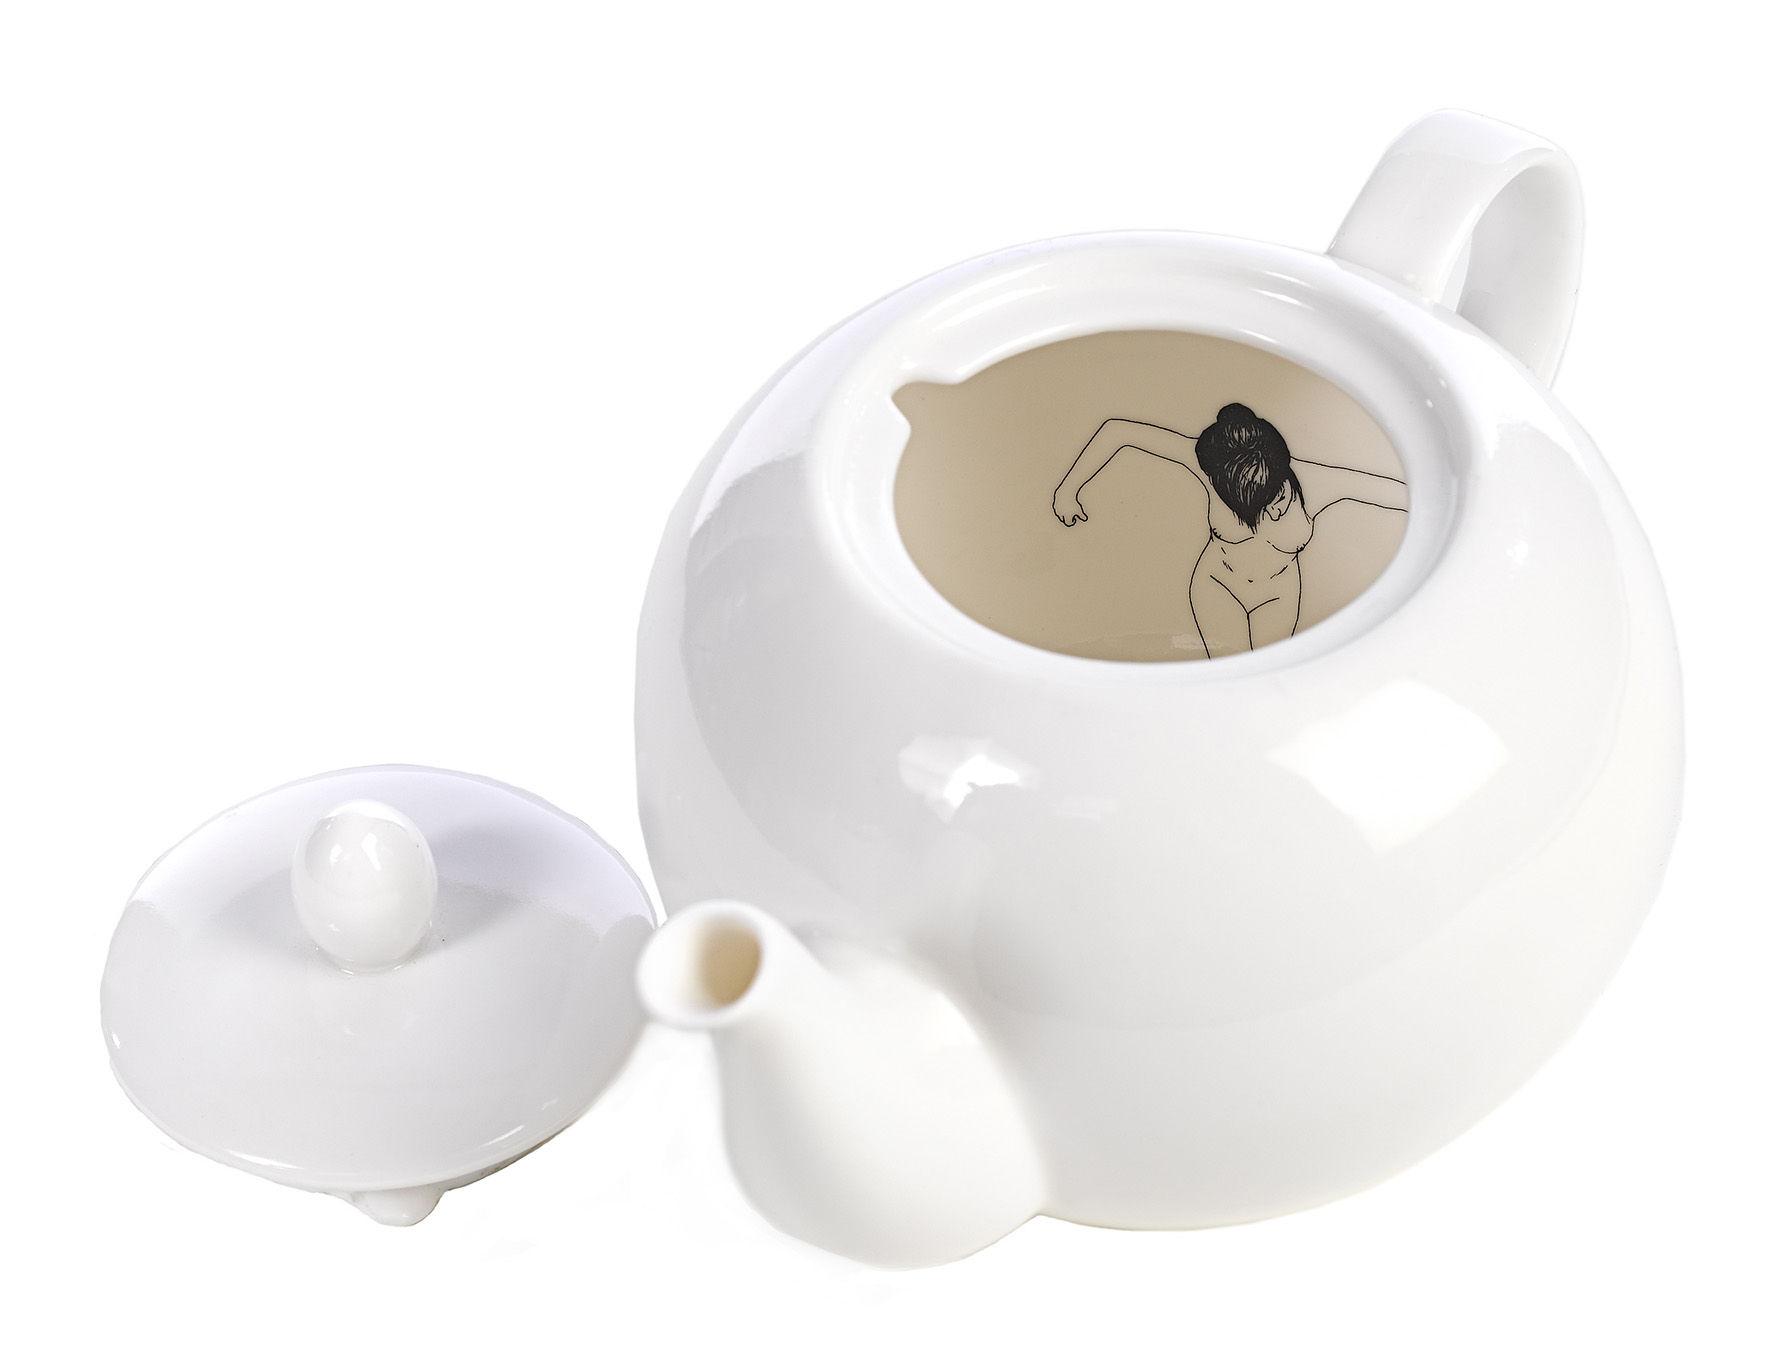 Tischkultur - Tee und Kaffee - Naked girls Teekanne - Pols Potten - Weiß - Porcelaine vernie